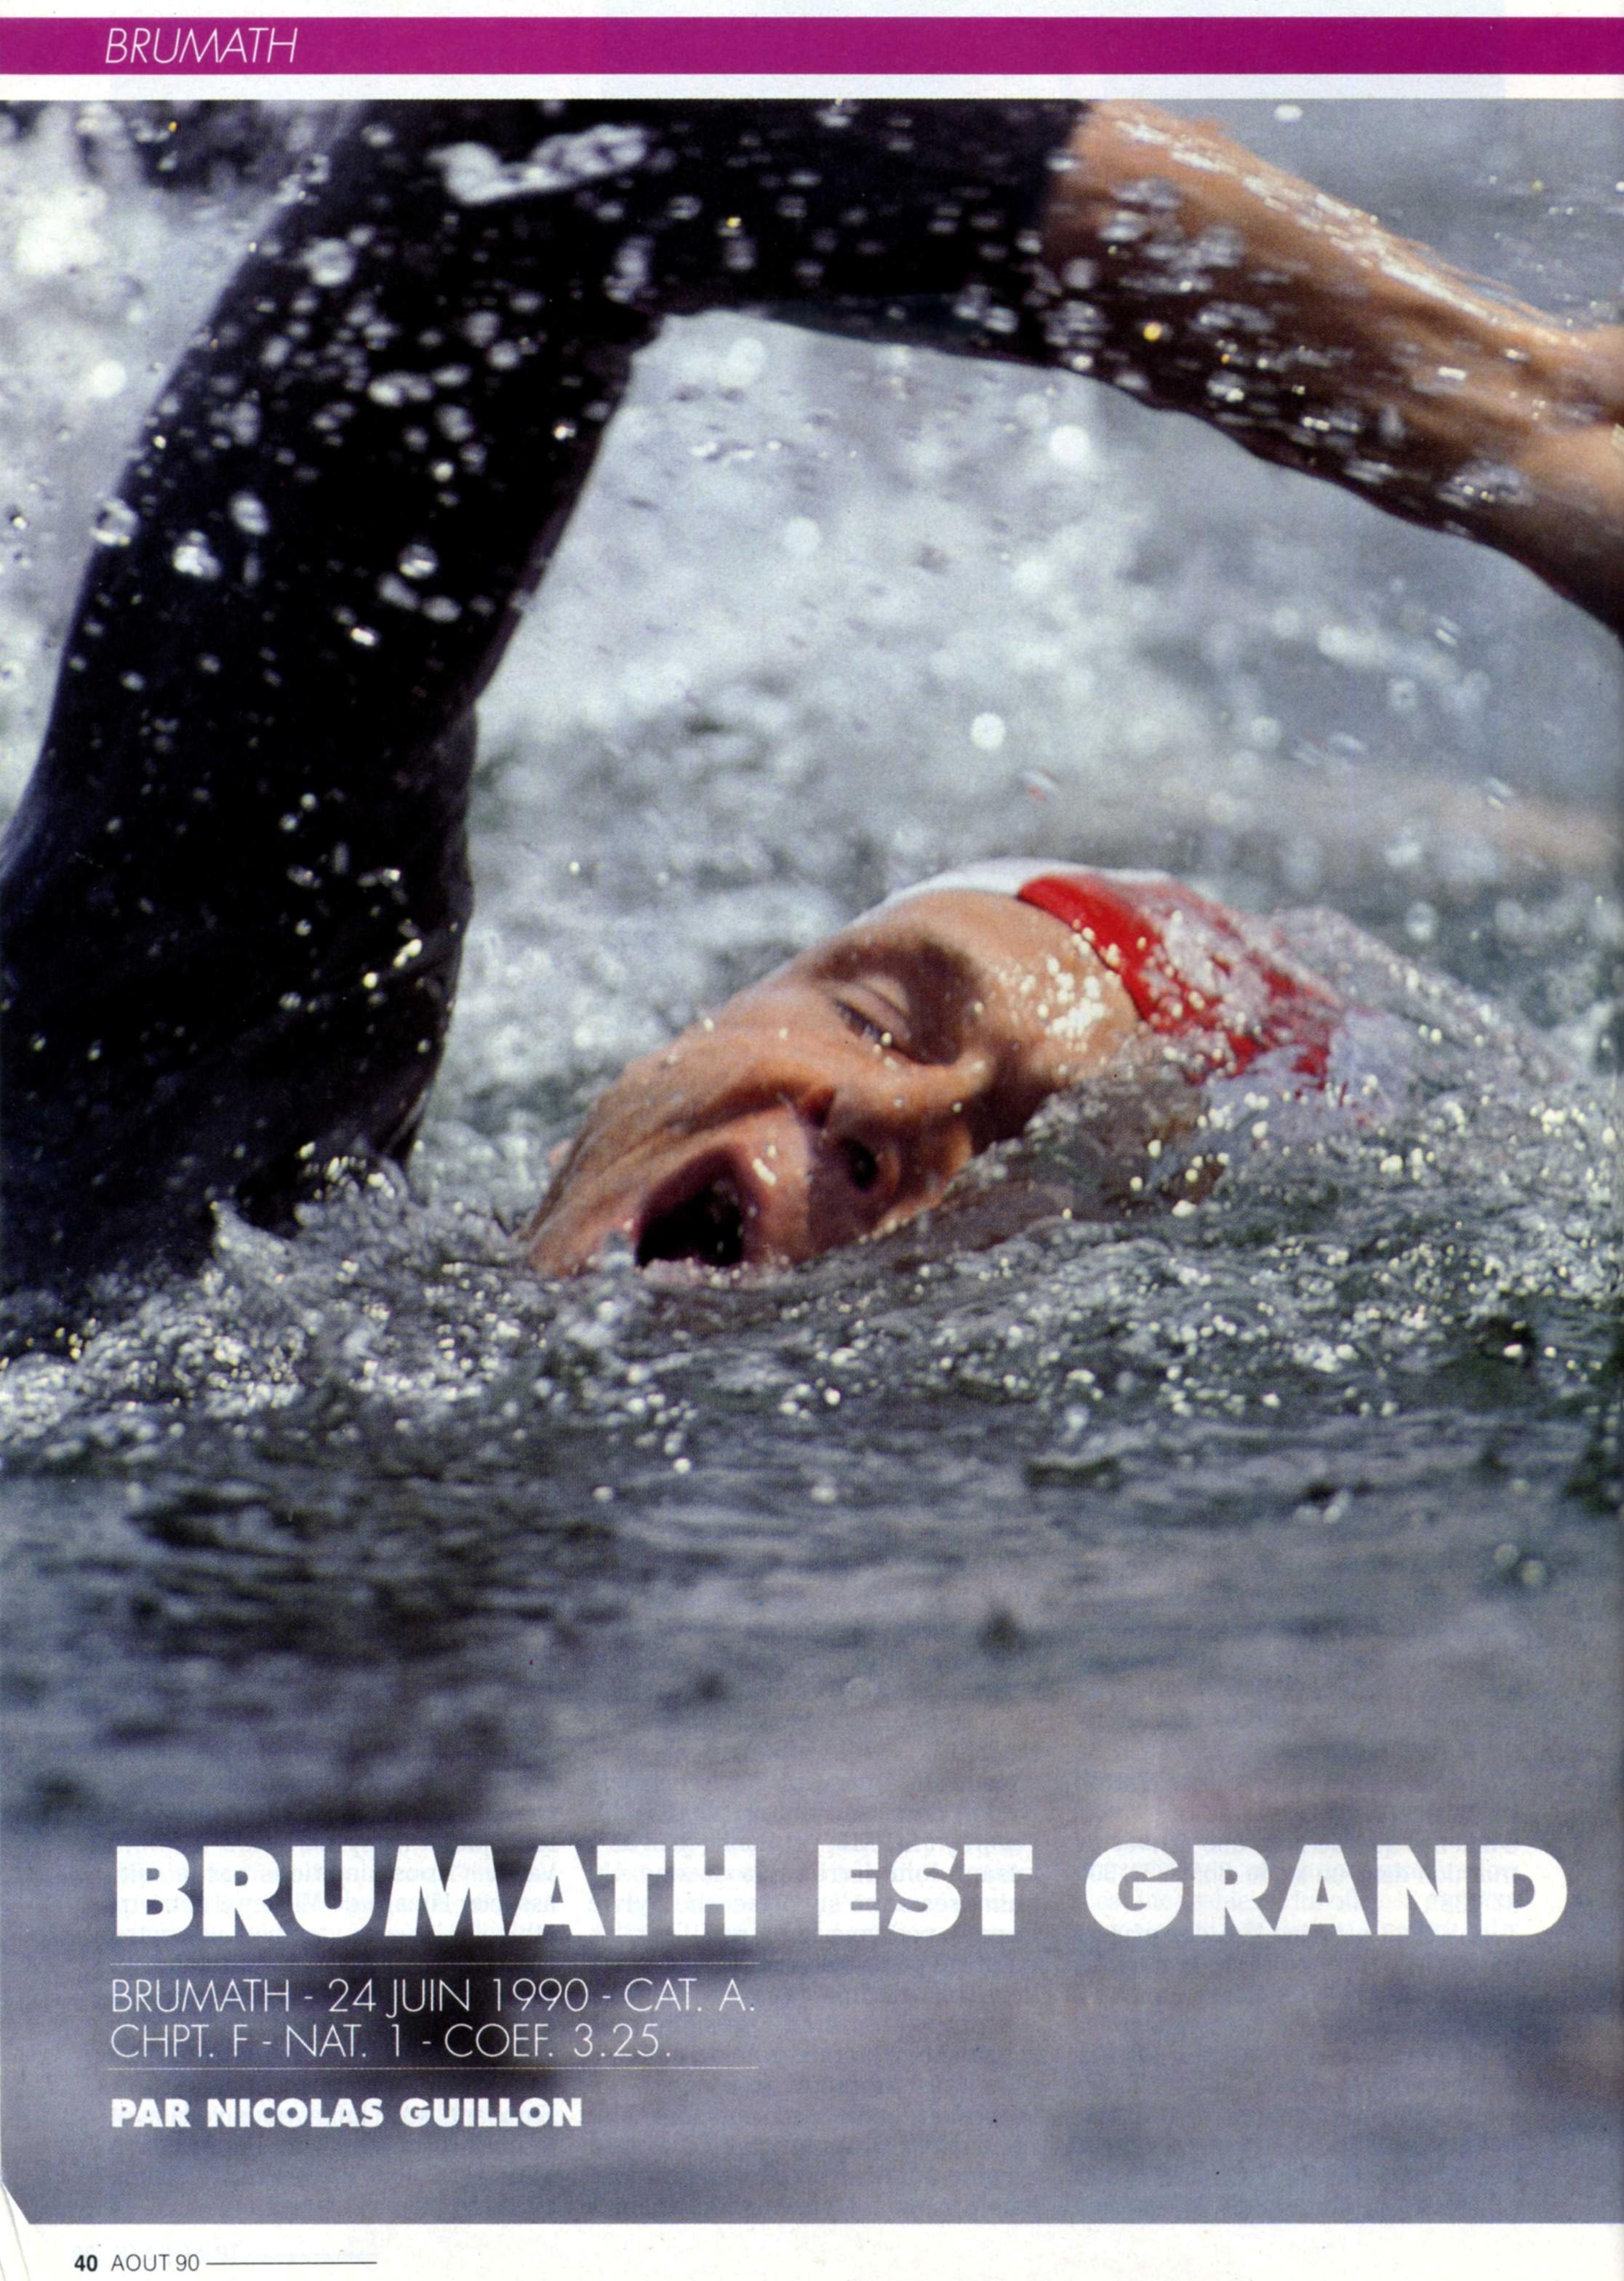 img995_24-Juin-1990_BRUMATH_70